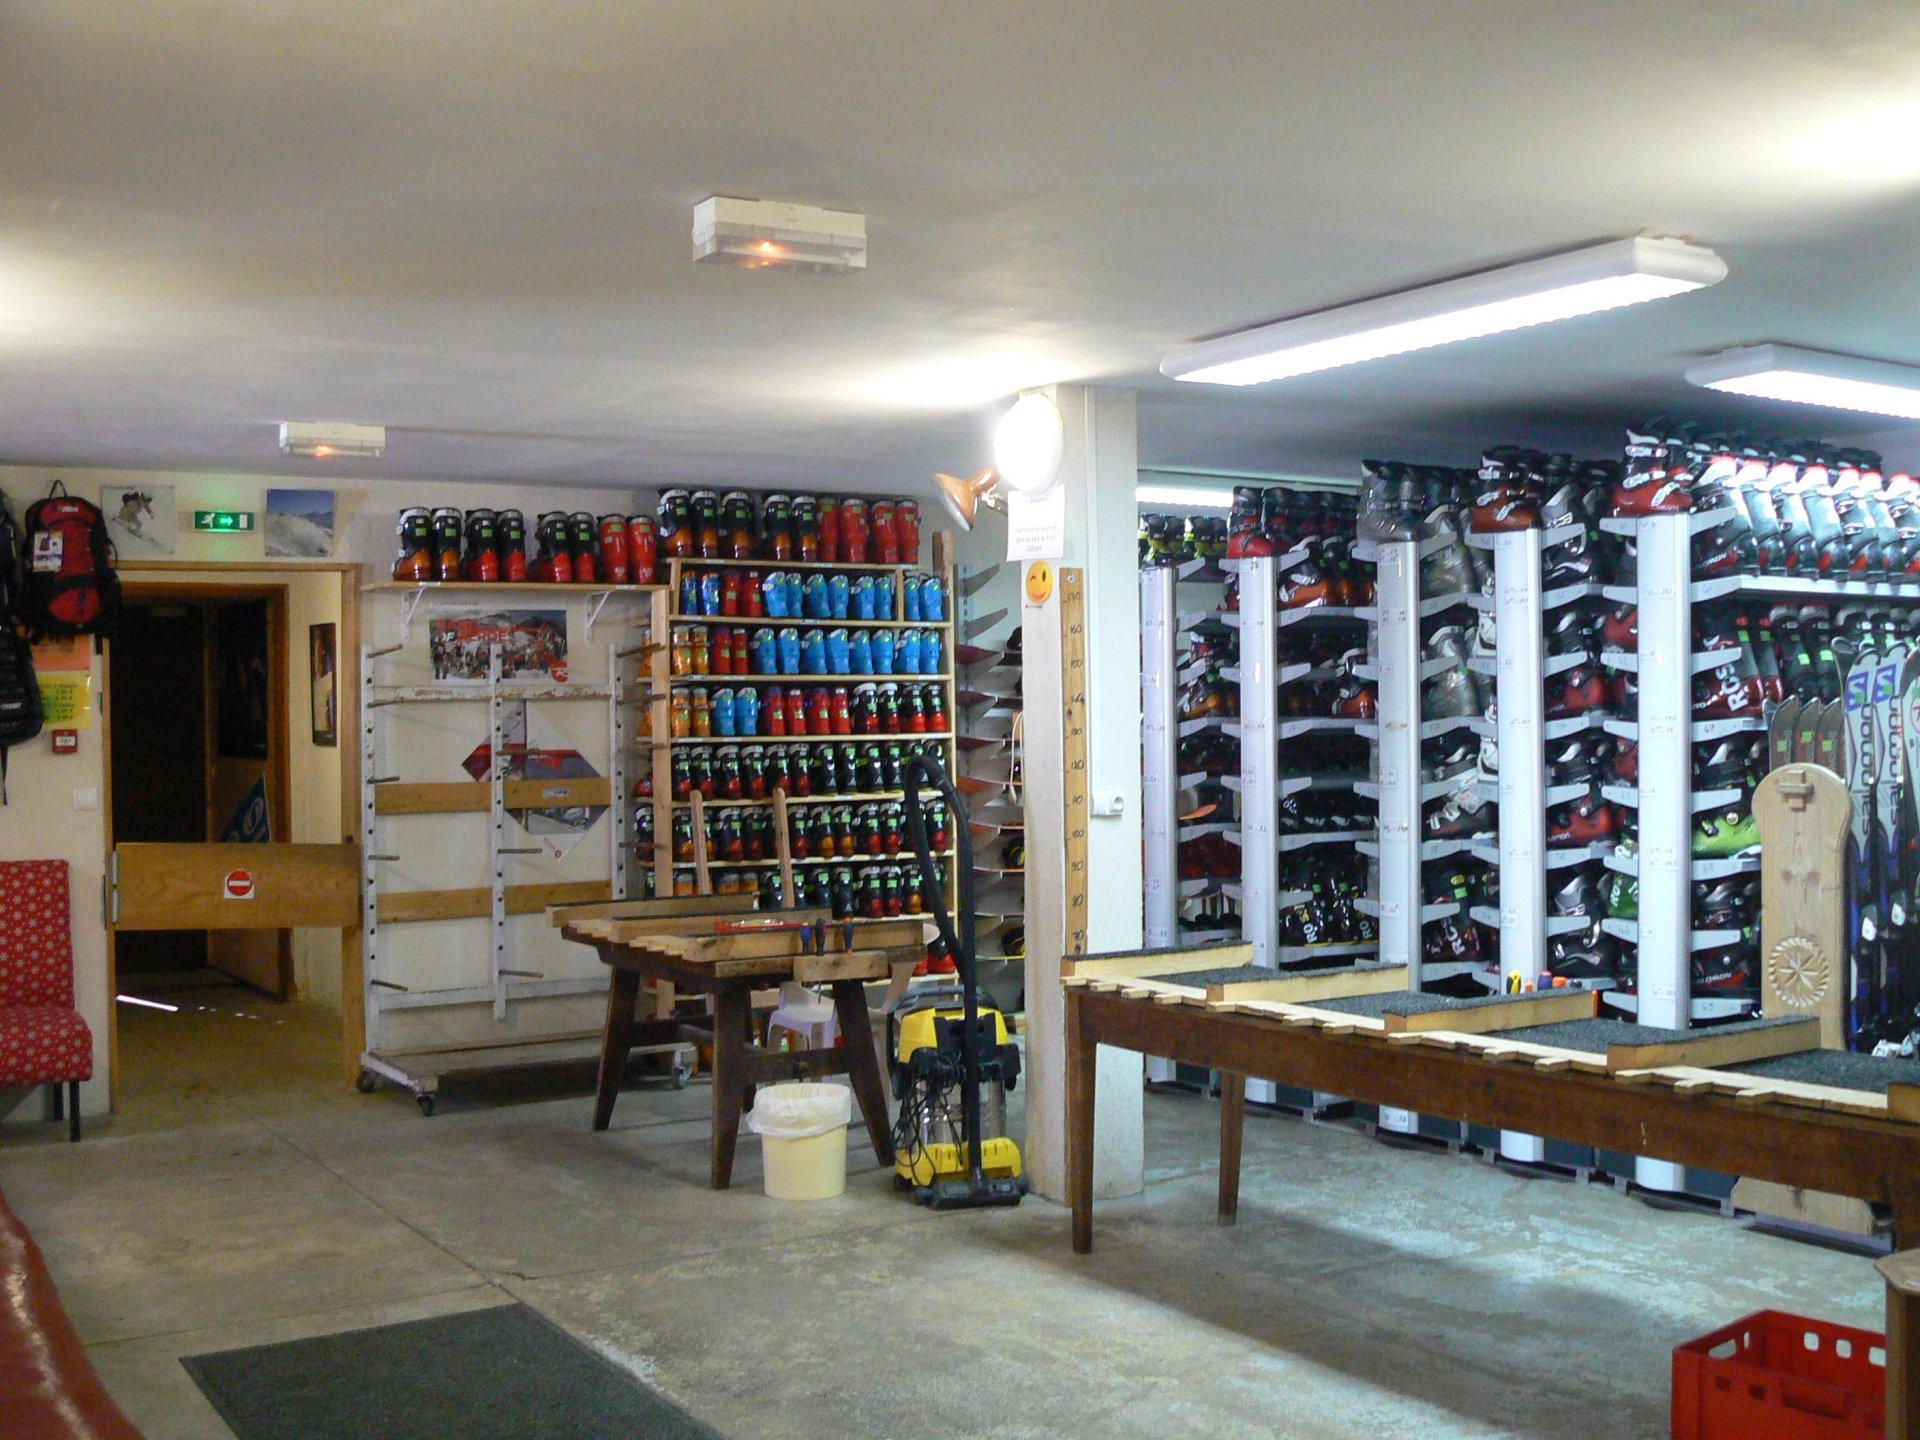 Location de matériel de skis Berthet Sport